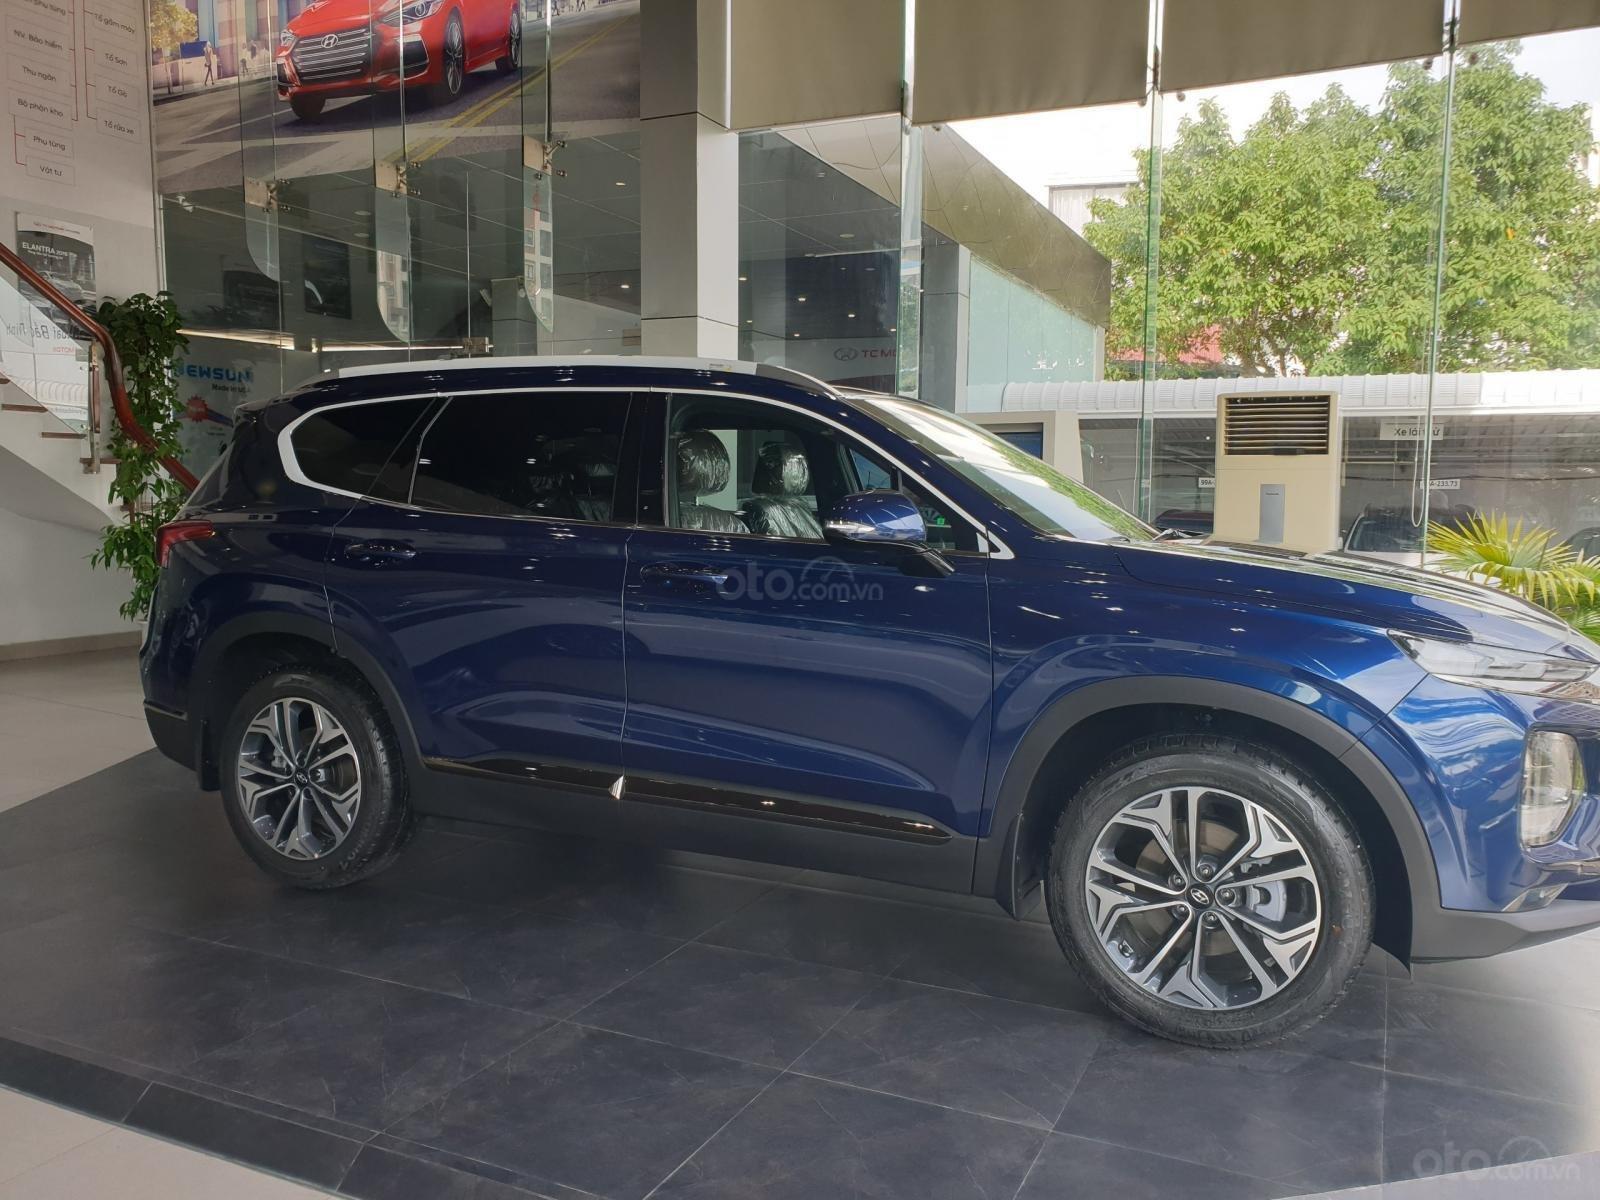 Hyundai Santa Fe, máy dầu, giá cực ưu đãi cho tháng 10 này, giảm trực tiếp tiền mặt lên đến 40tr rẻ nhất Bắc Ninh (1)